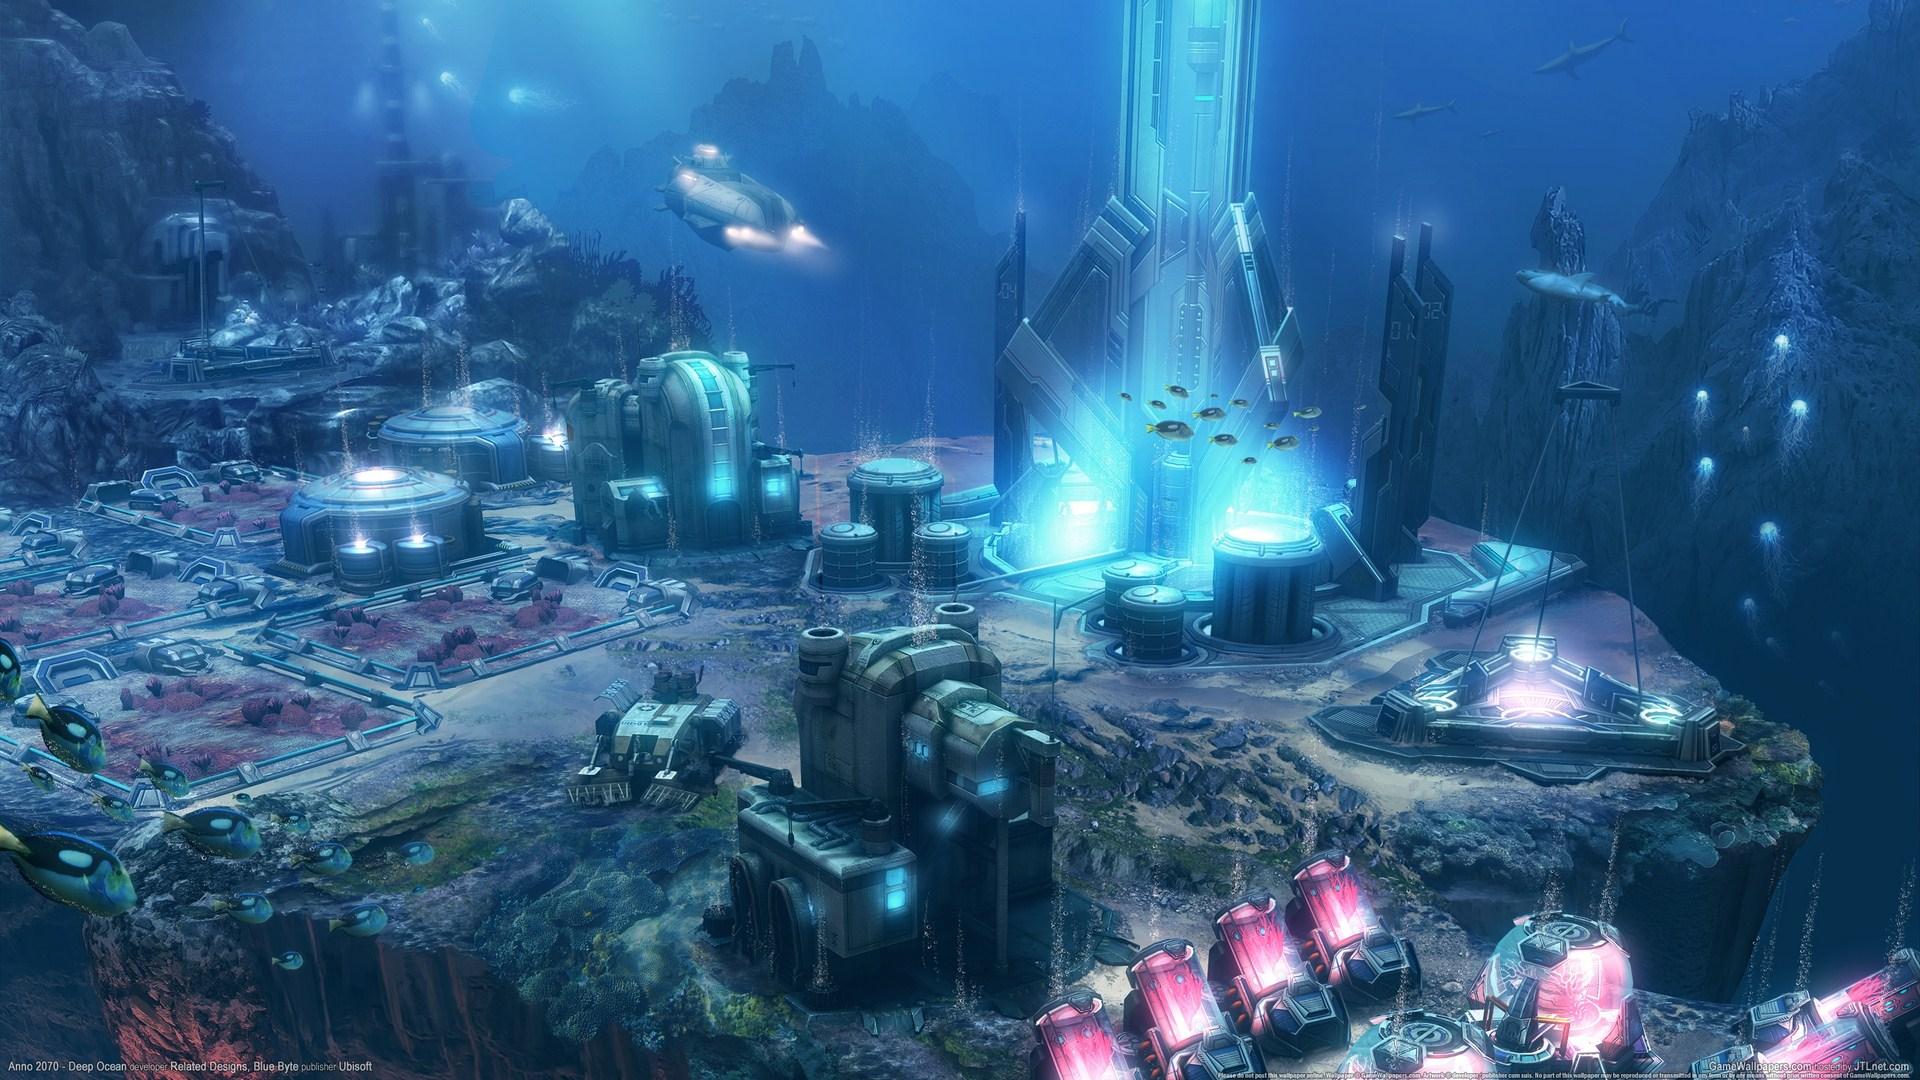 纪元2070:深海相关图片